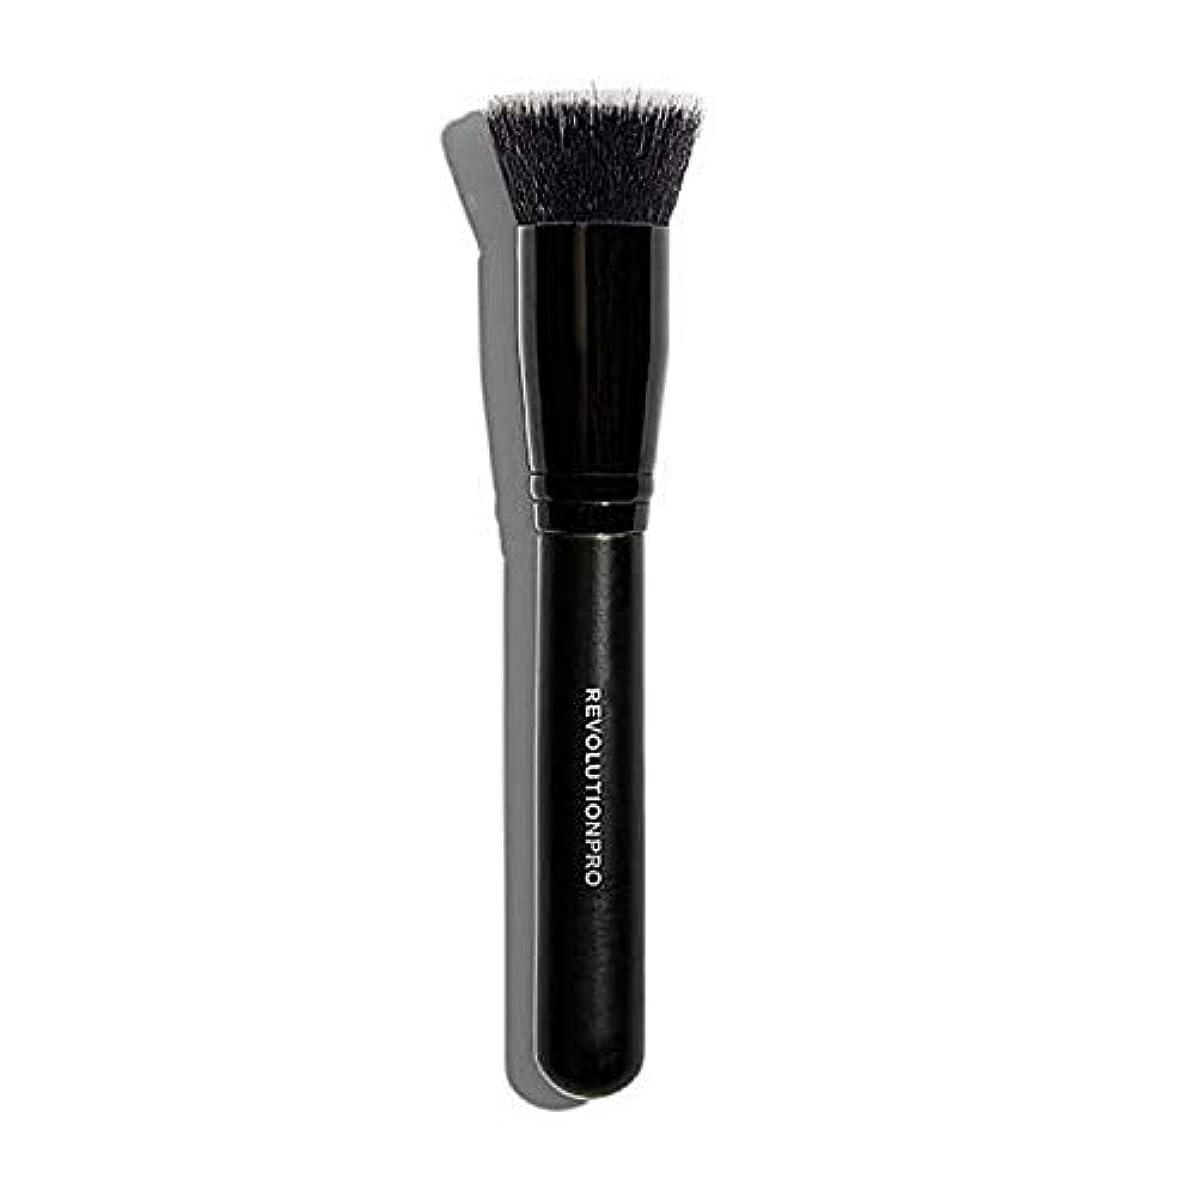 施設形成後者[Revolution ] 革命プロの液滴の基礎化粧ブラシ - Revolution Pro Liquid Drop Foundation Makeup Brush [並行輸入品]